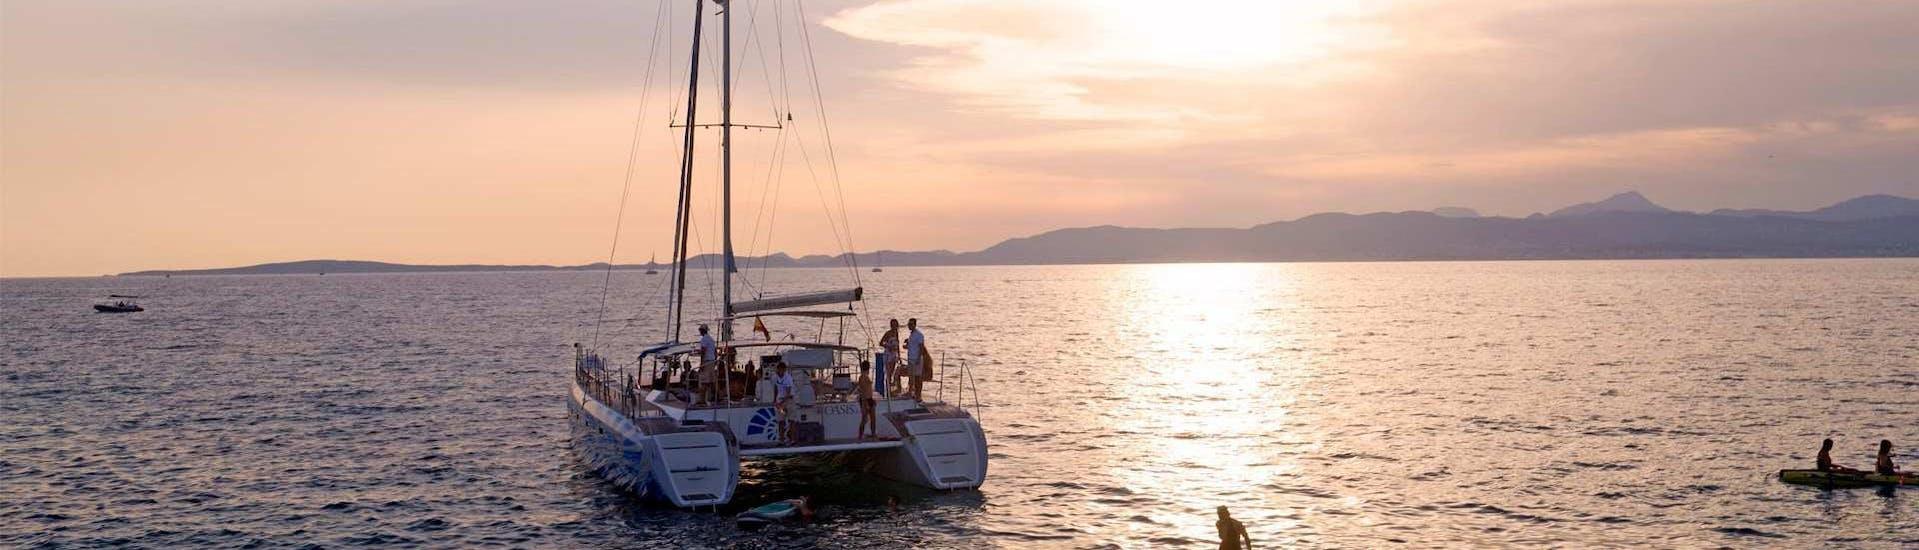 Sailing Tour at Sunset from Palma de Mallorca